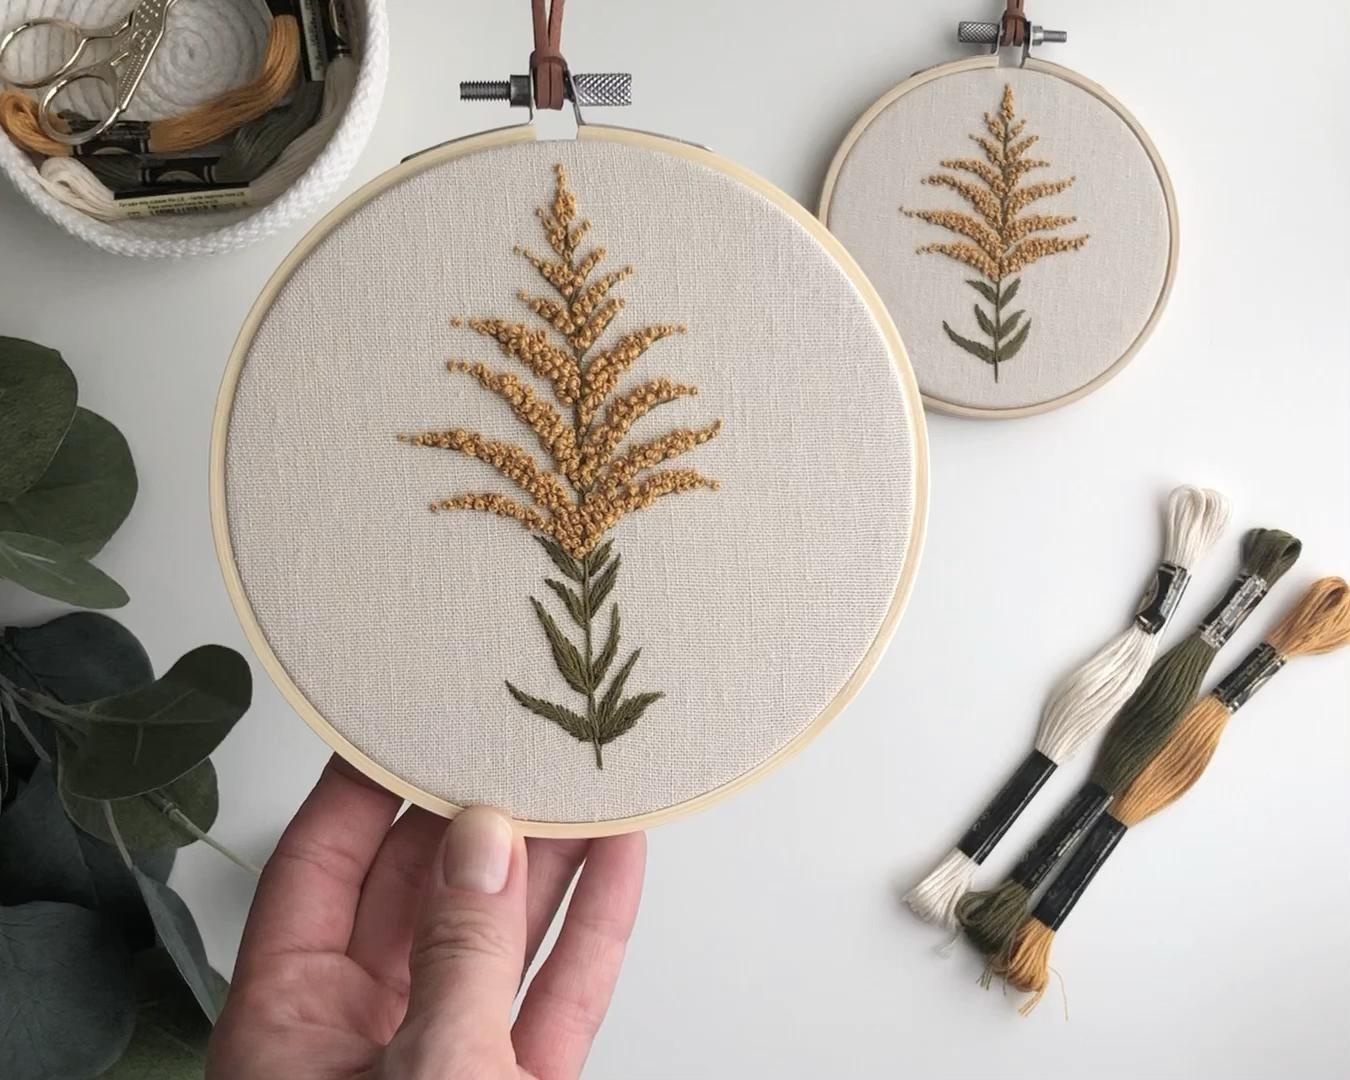 Cerceau de broderie verge d'or   – Embroidery Hoop Art